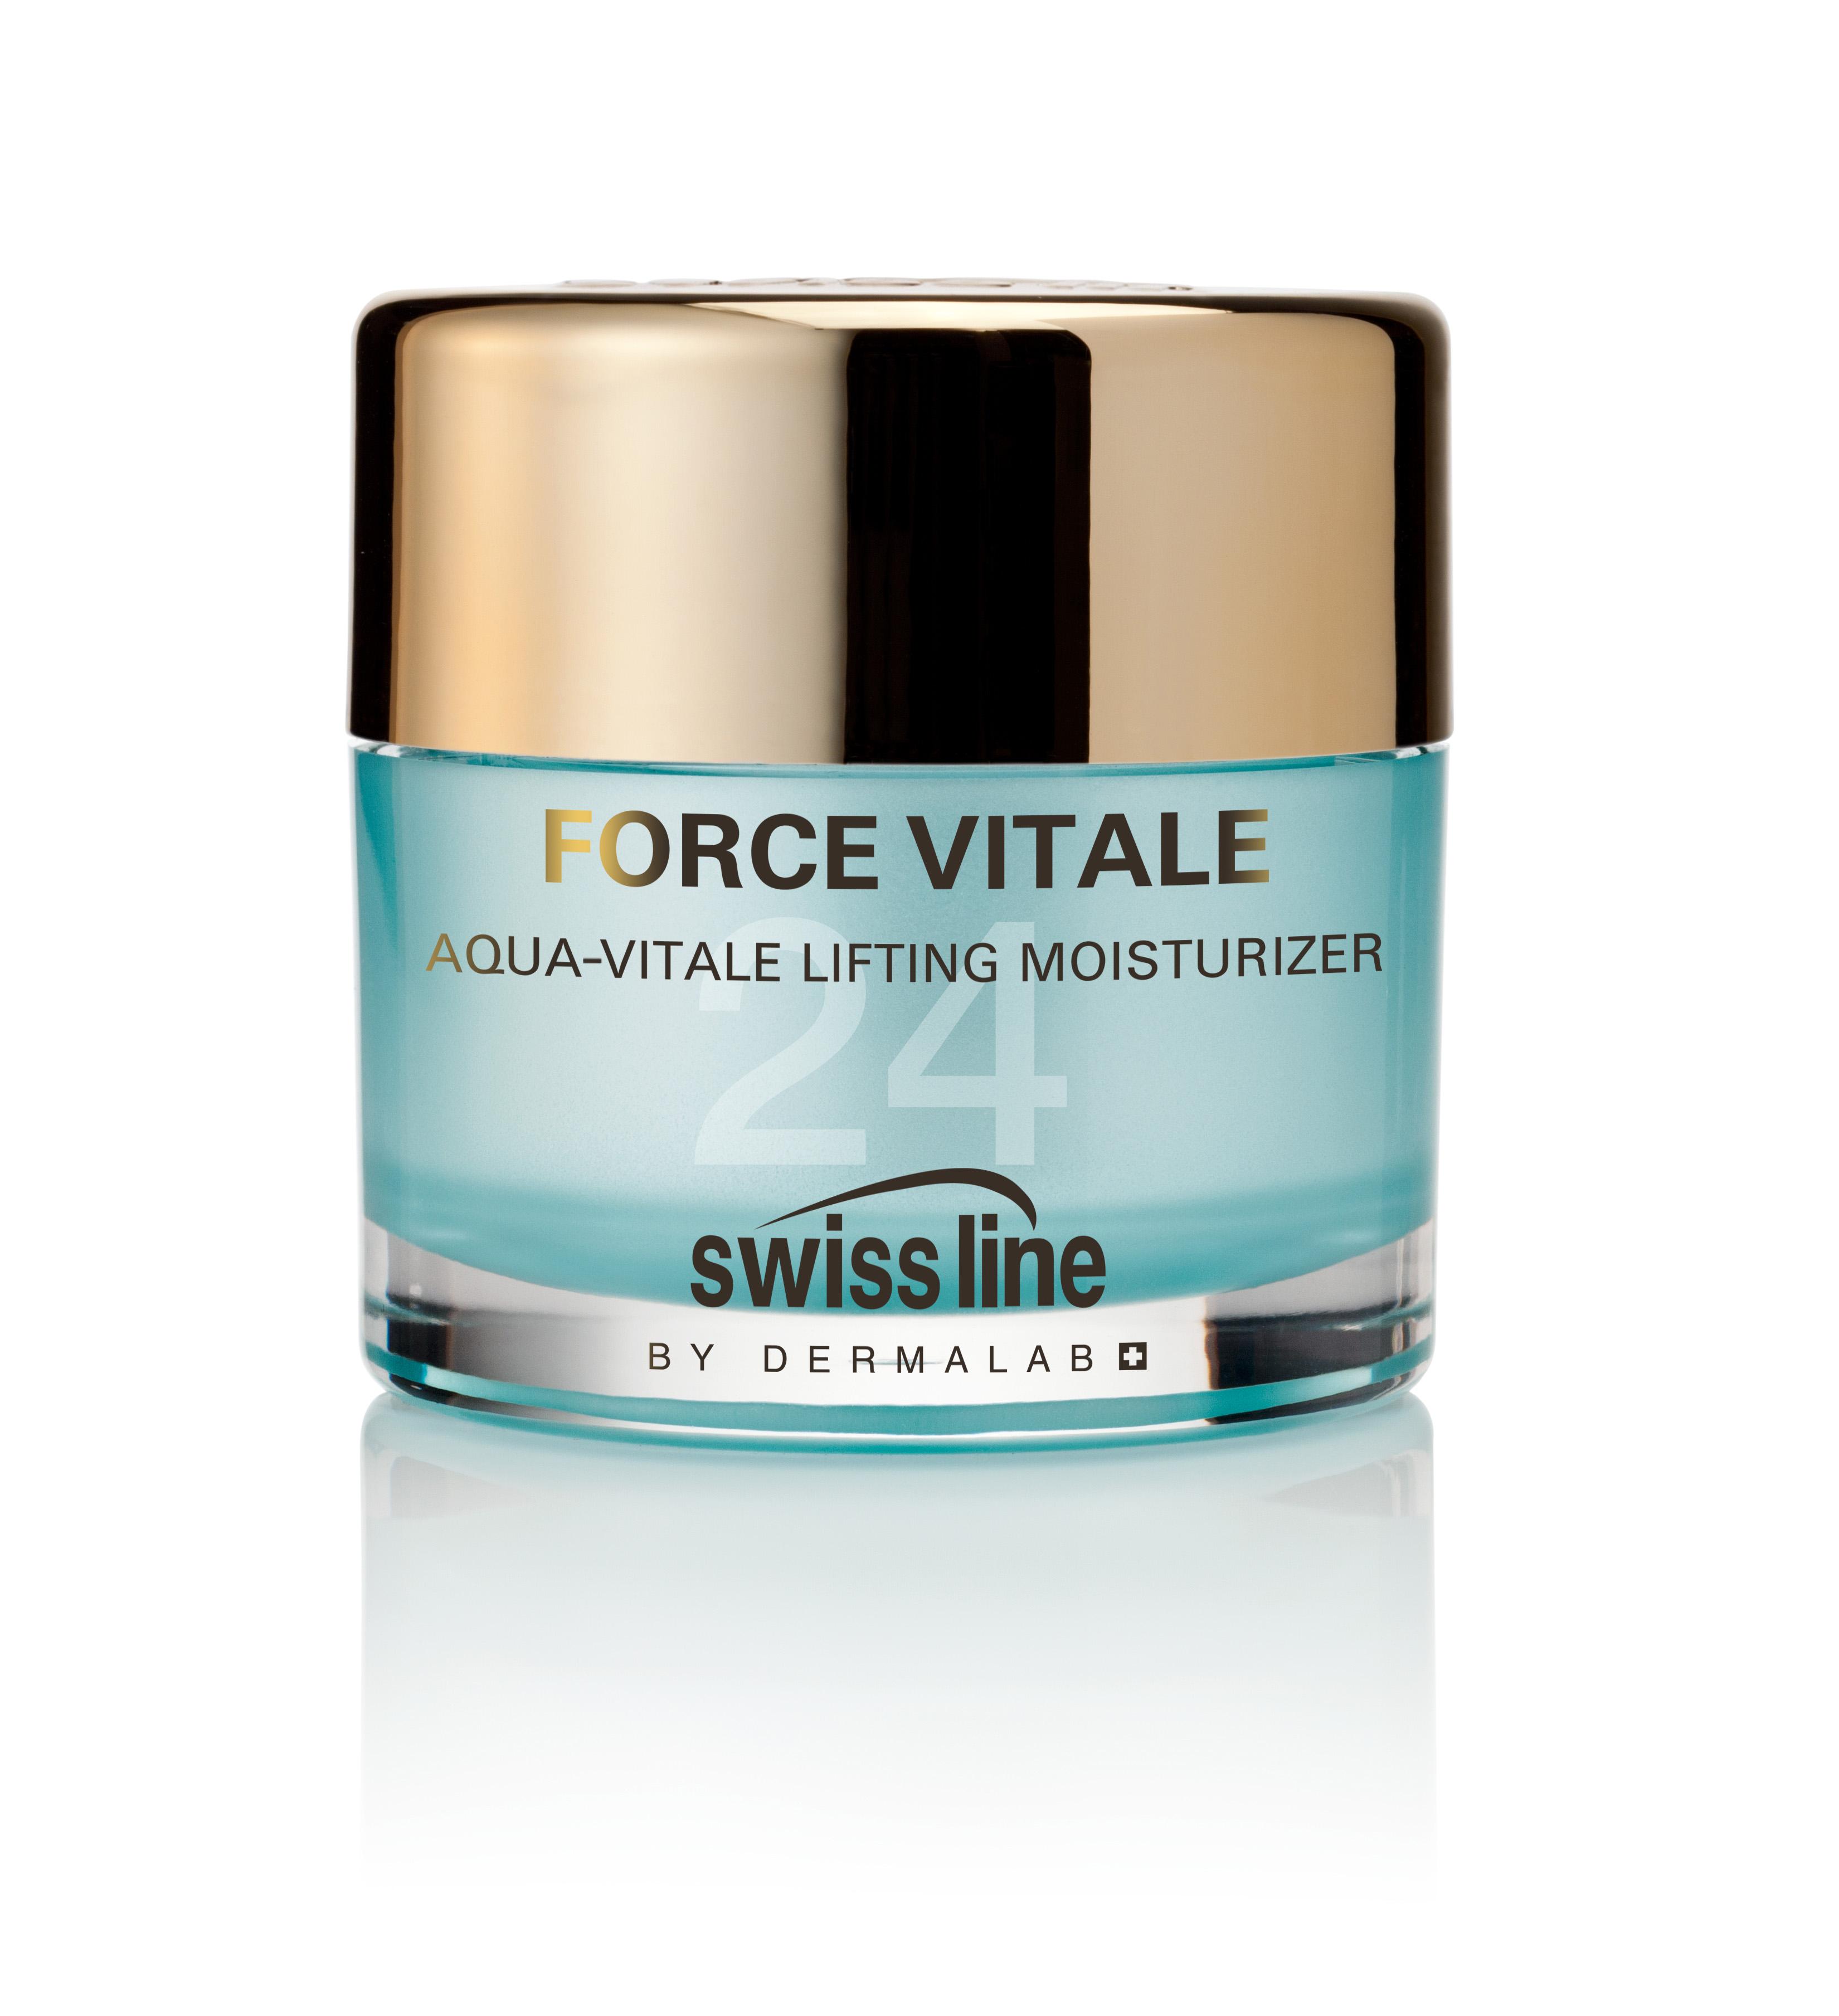 SWISS LINE Лифтинг-крем насыщенный увлажняющий Живая вода / Aqua-Vitale Lifting Moisturizer 50 мл